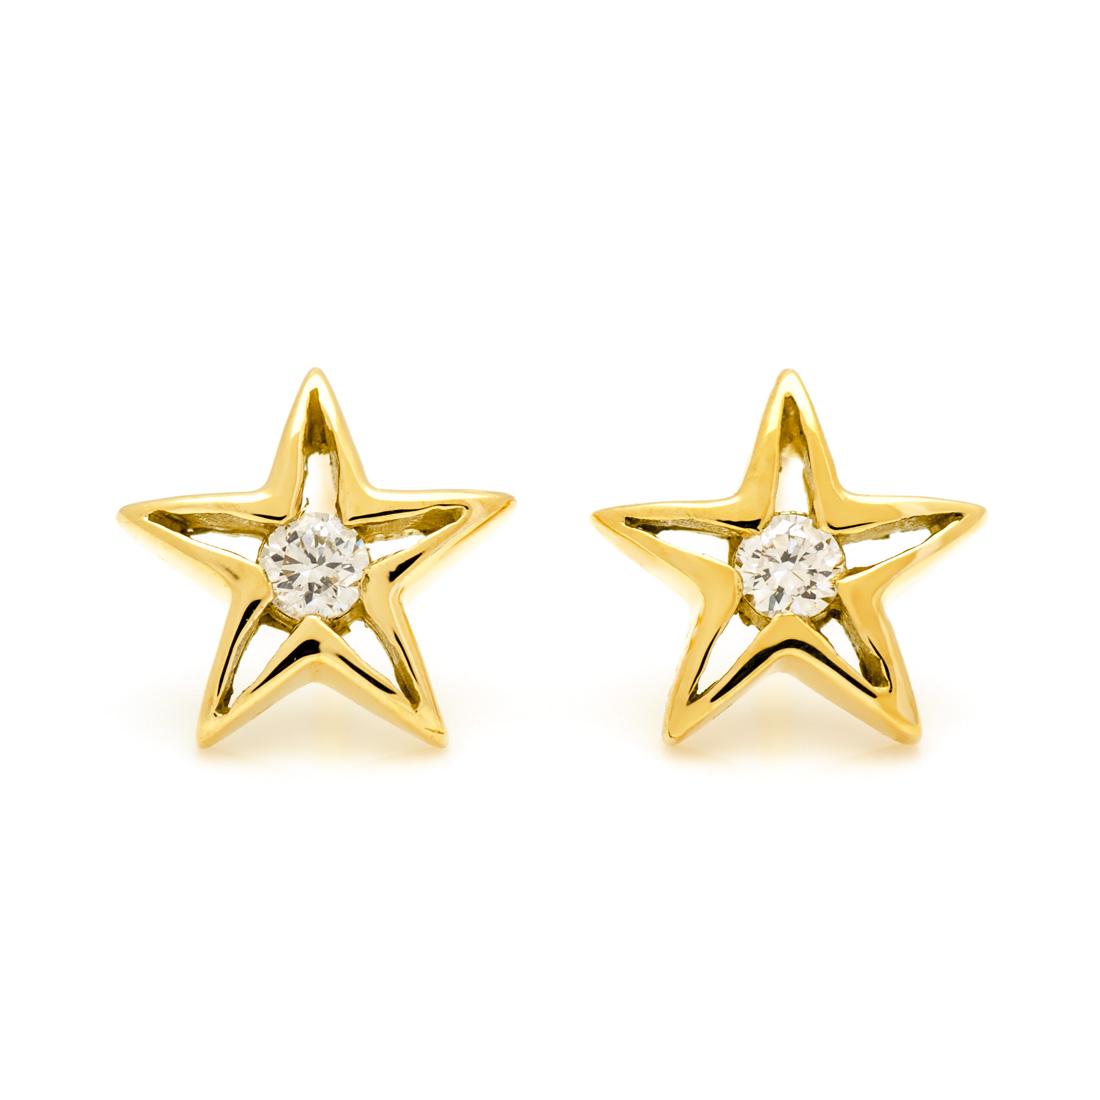 【GWクーポン配布中】スタッドピアス ダイヤモンド ゴールド K18 スターモチーフ 送料無料